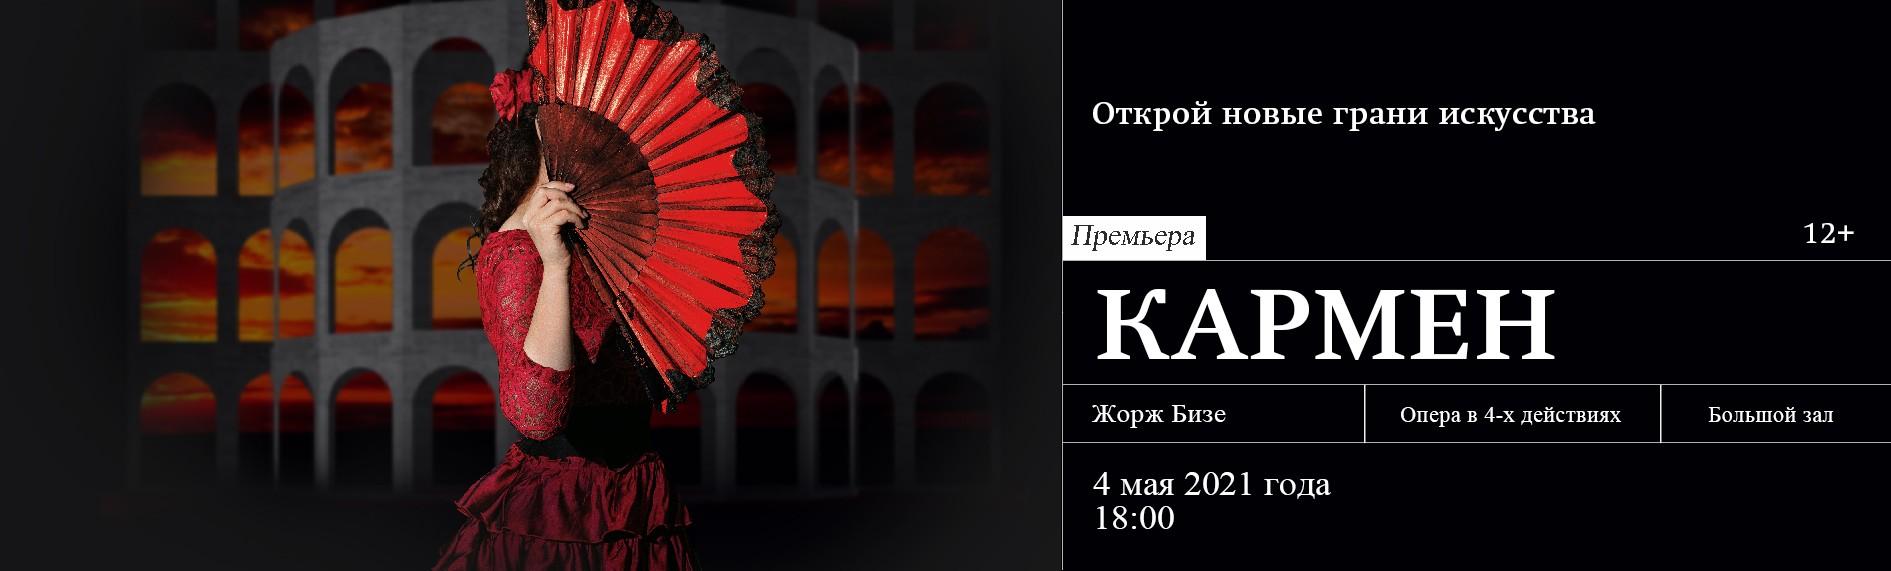 Опера Кармен